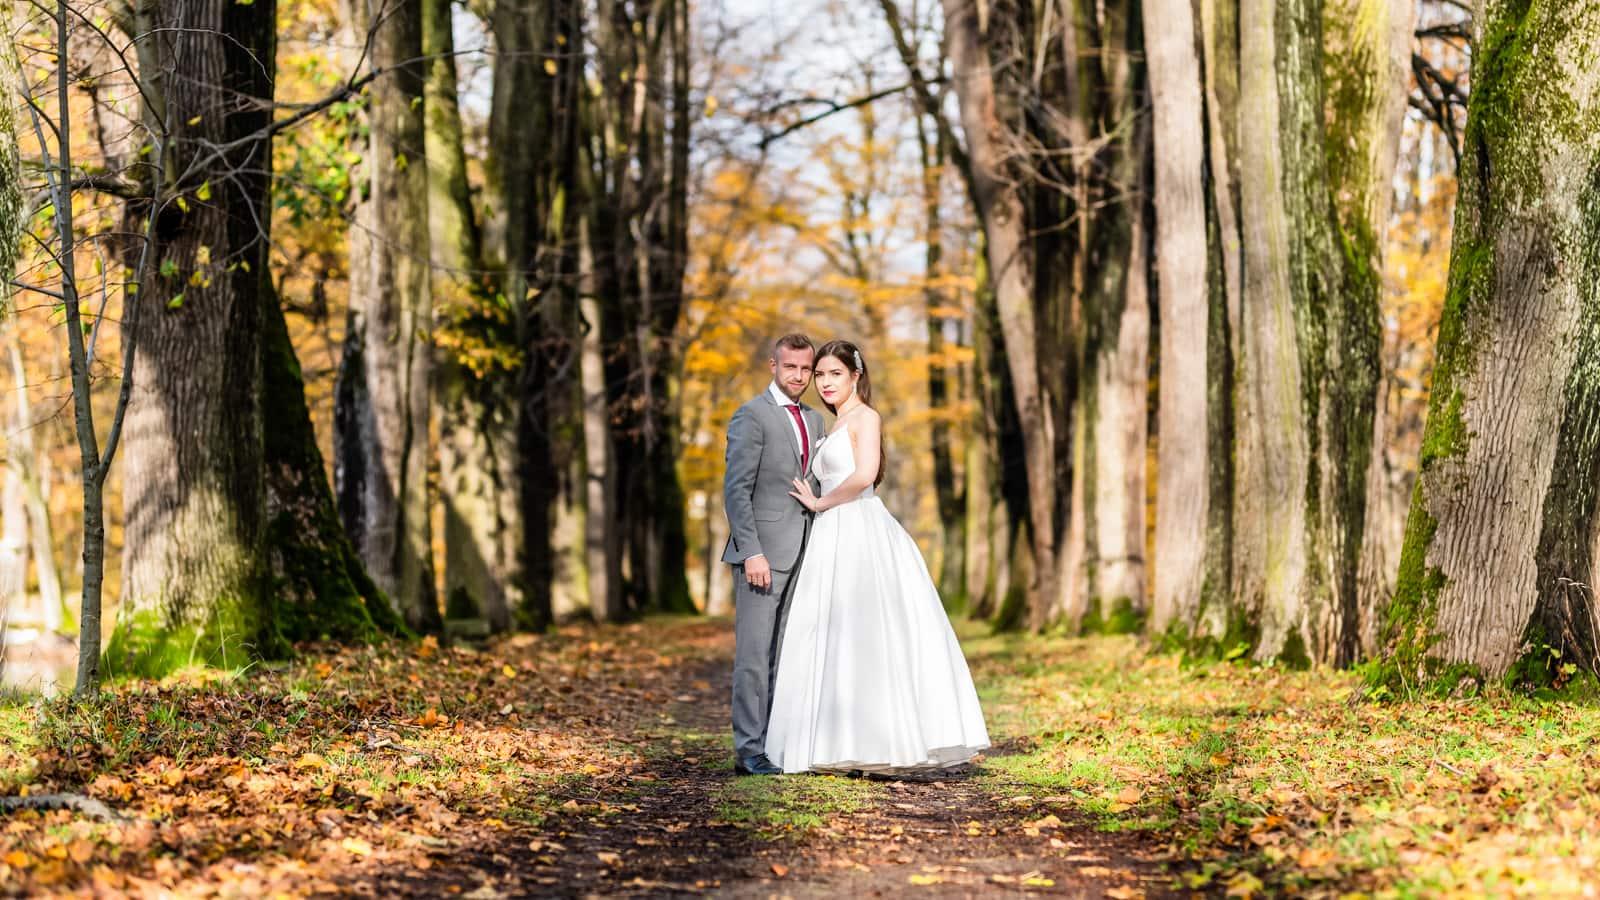 Plener ślubny Podkarpacie, idealne miejsce na sesję ślubną